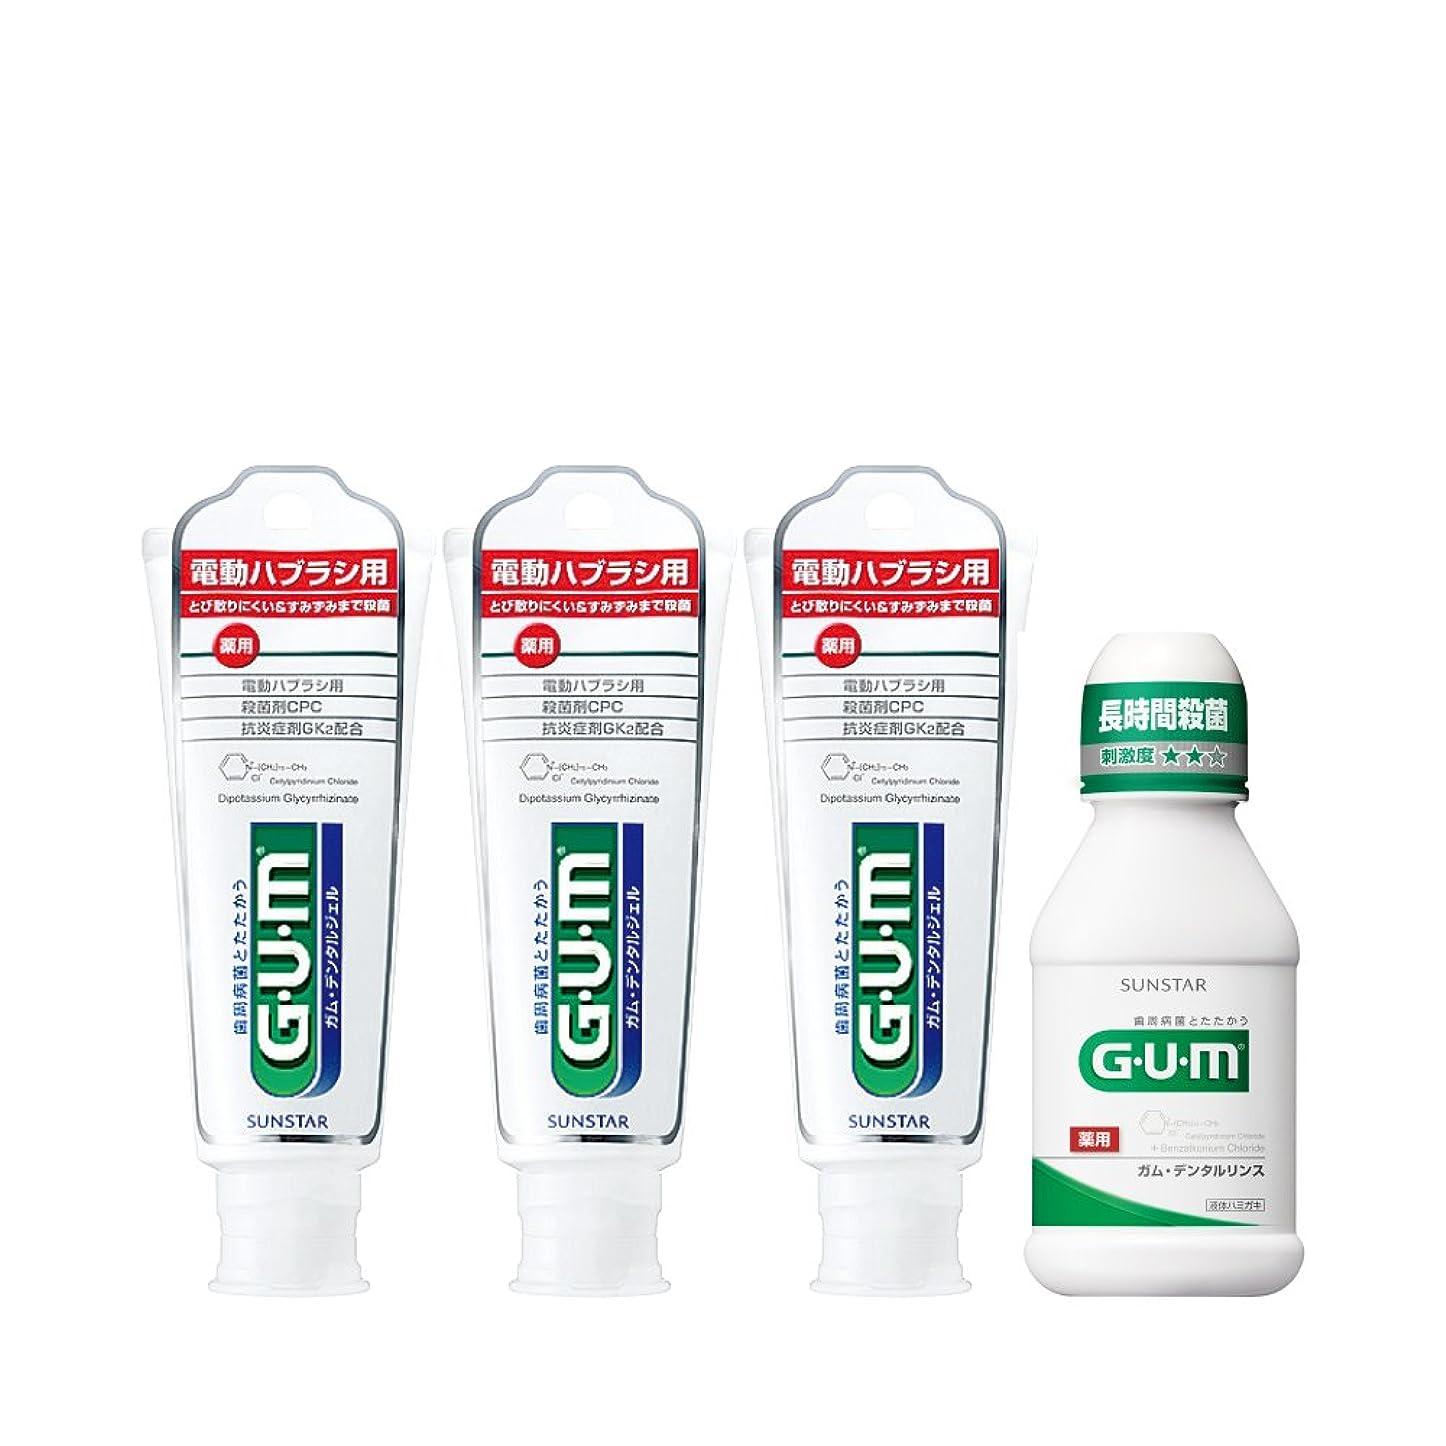 リーガンケニア火薬[医薬部外品] GUM(ガム) 電動ハブラシ用 デンタルジェル ハミガキ 65g <歯周病予防> 3個パック+おまけつき